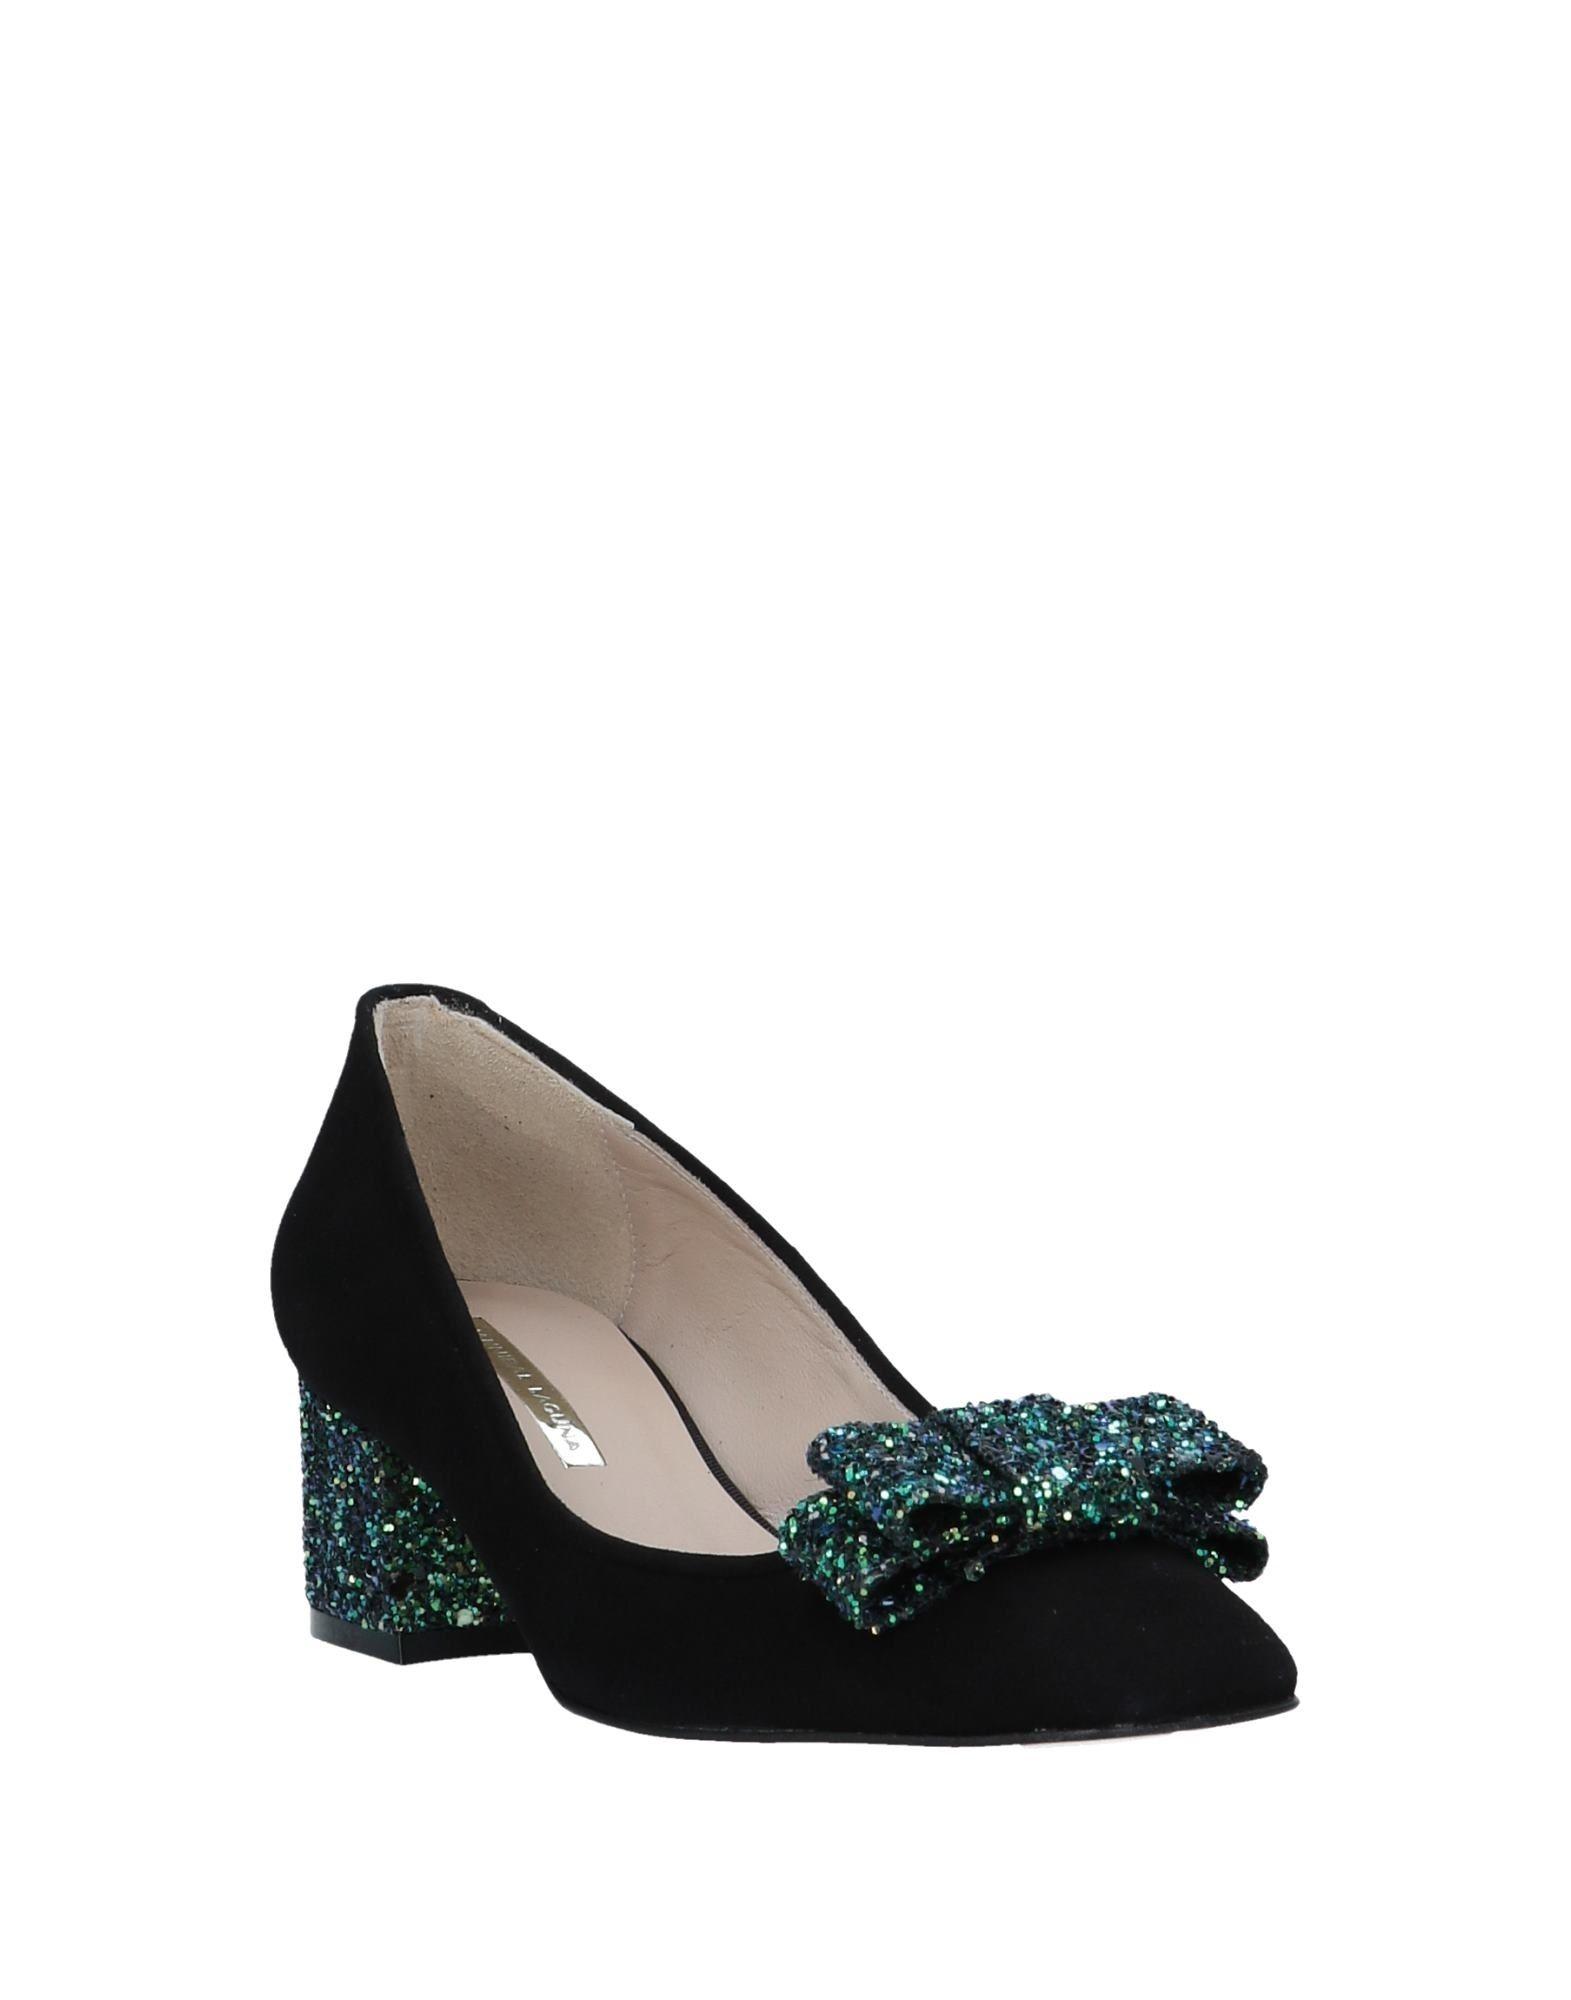 Hannibal Laguna Pumps Damen beliebte  11544441UH Gute Qualität beliebte Damen Schuhe c1709e